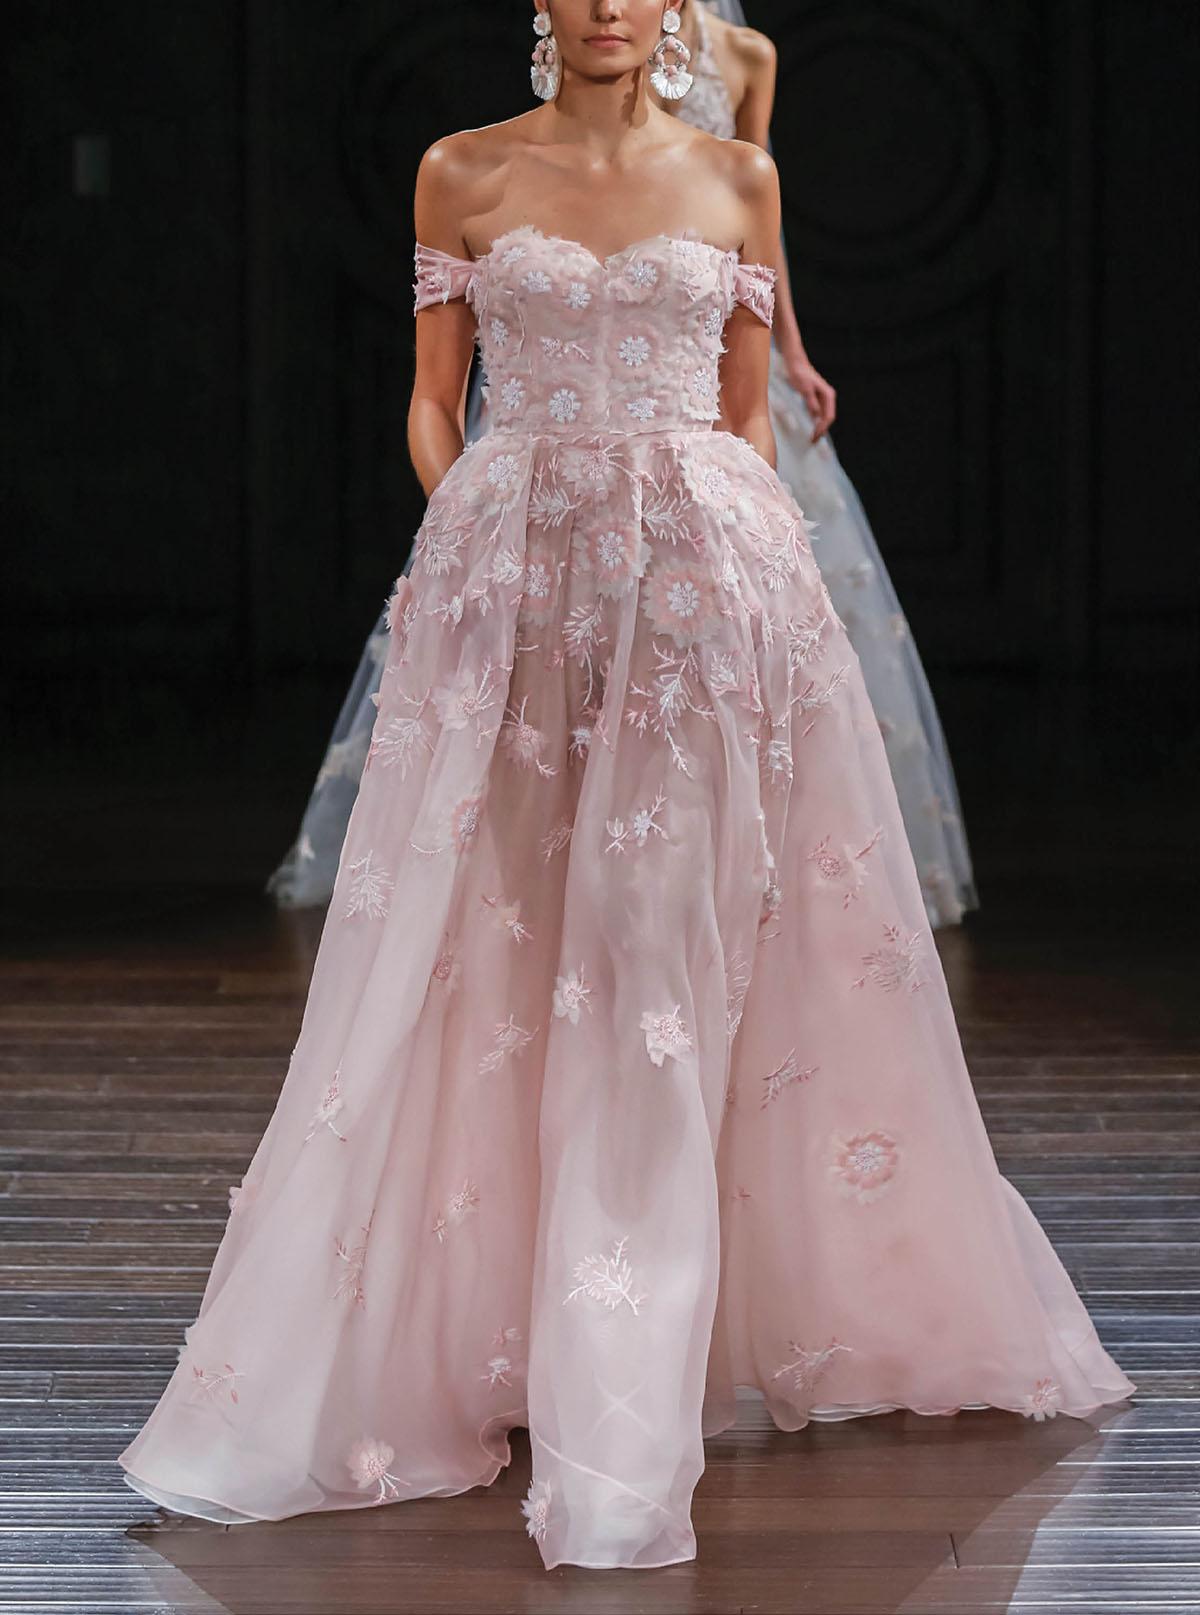 rosy wedding fashion accessories